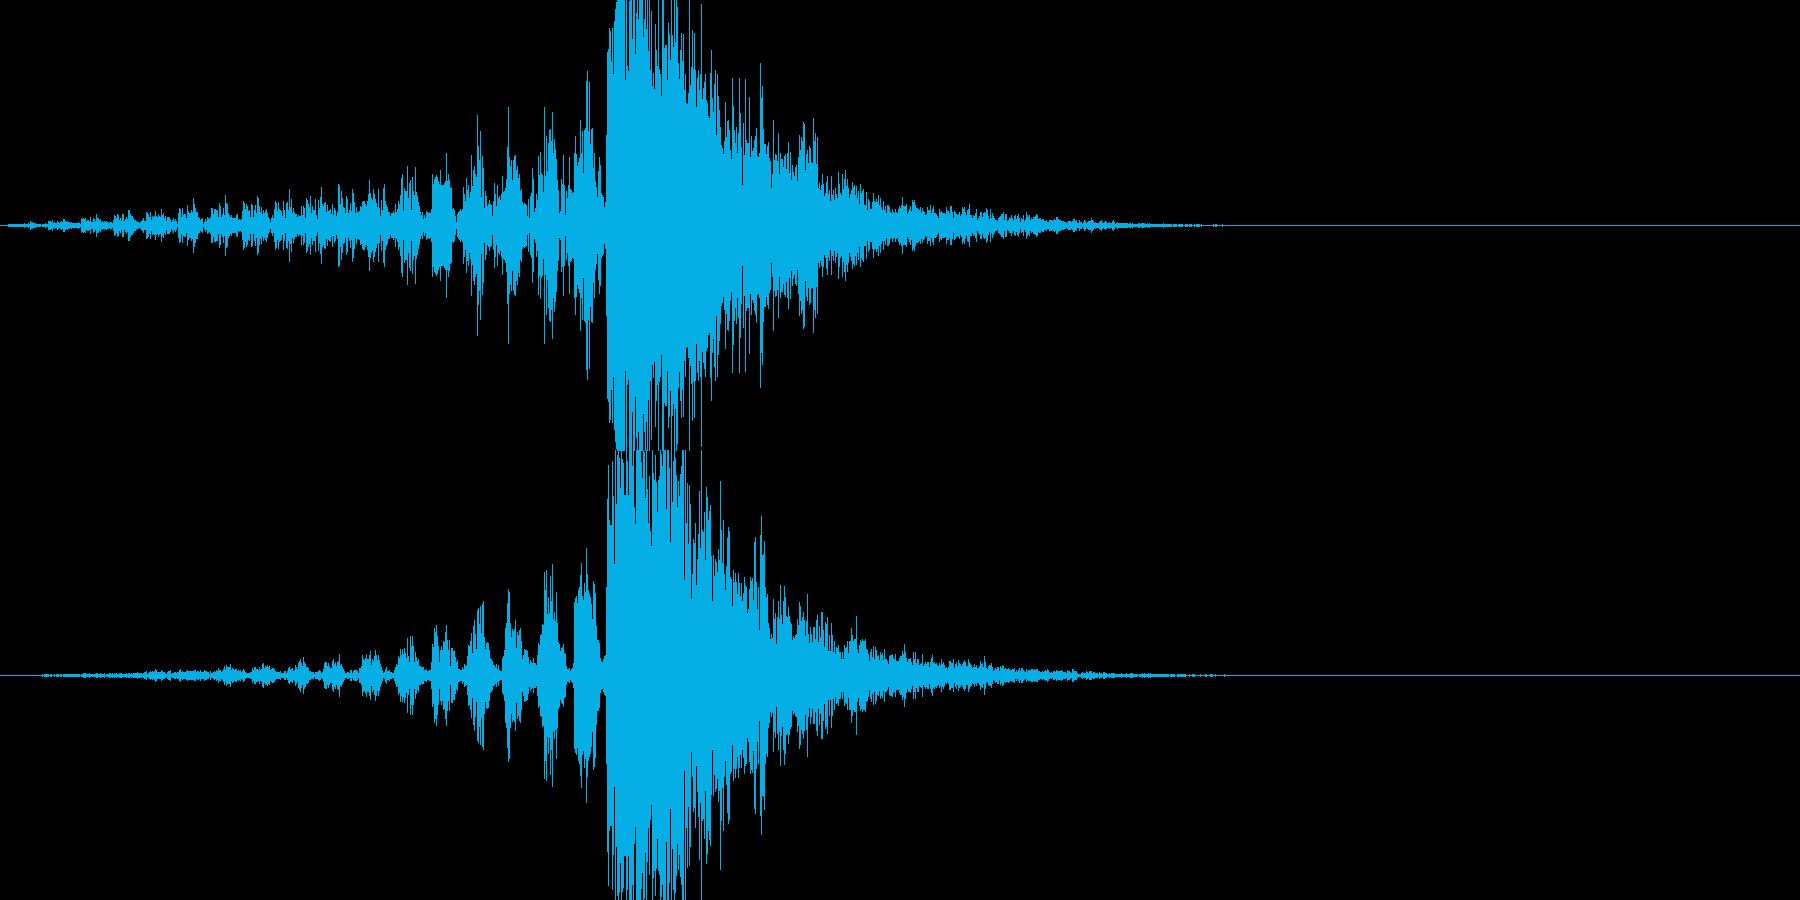 マトリックス的なスローになって動く音の再生済みの波形